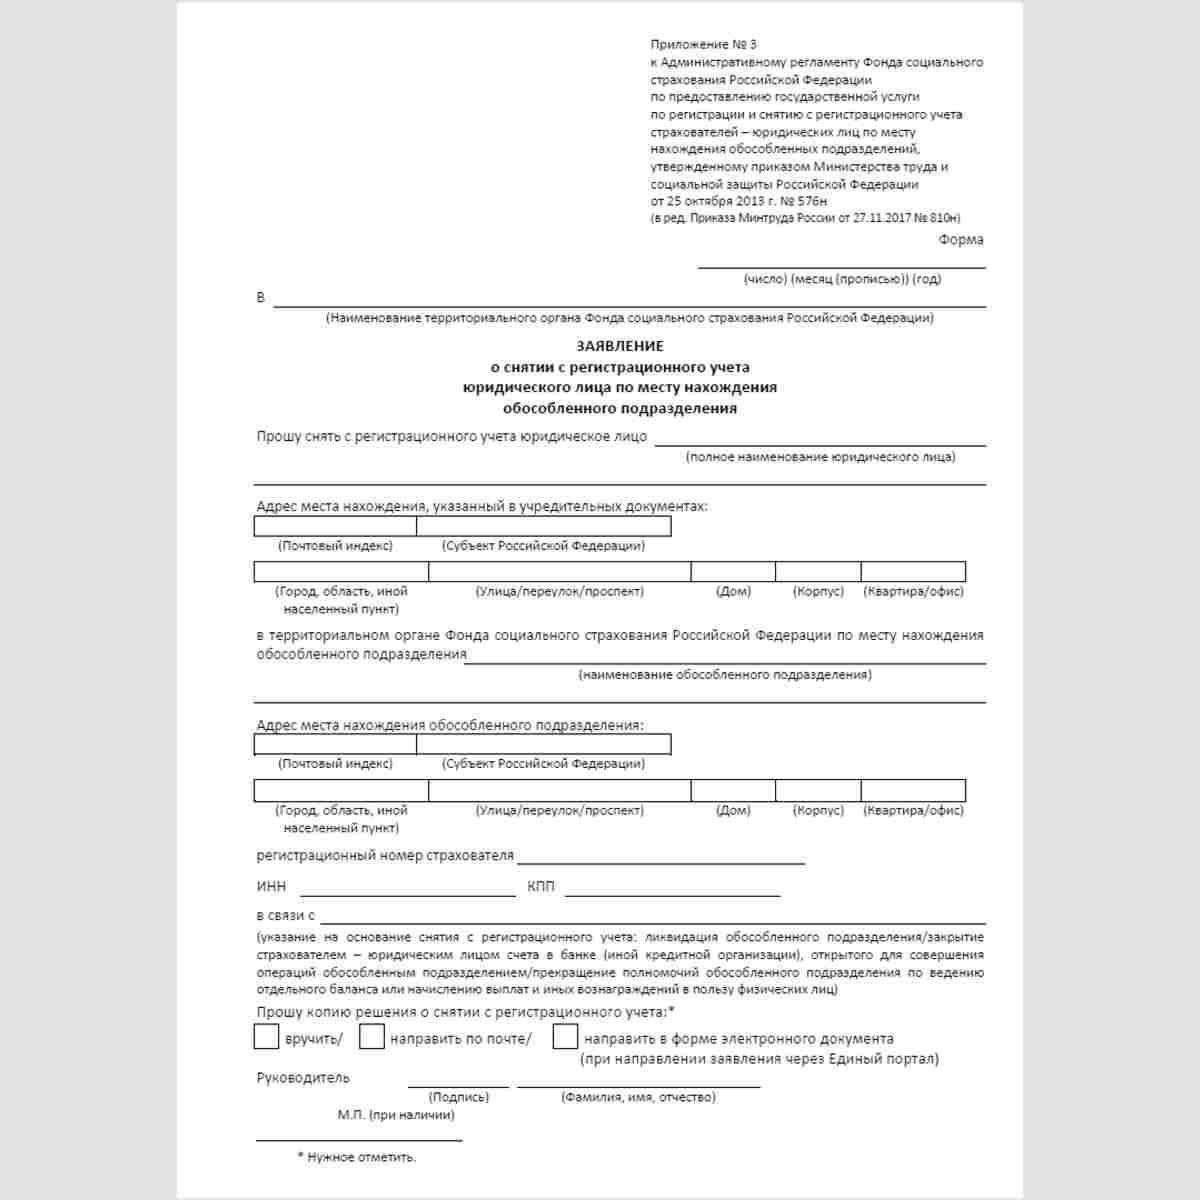 """Форма """"Заявление о снятии с регистрационного учета юридического лица по месту нахождения обособленного подразделения"""""""